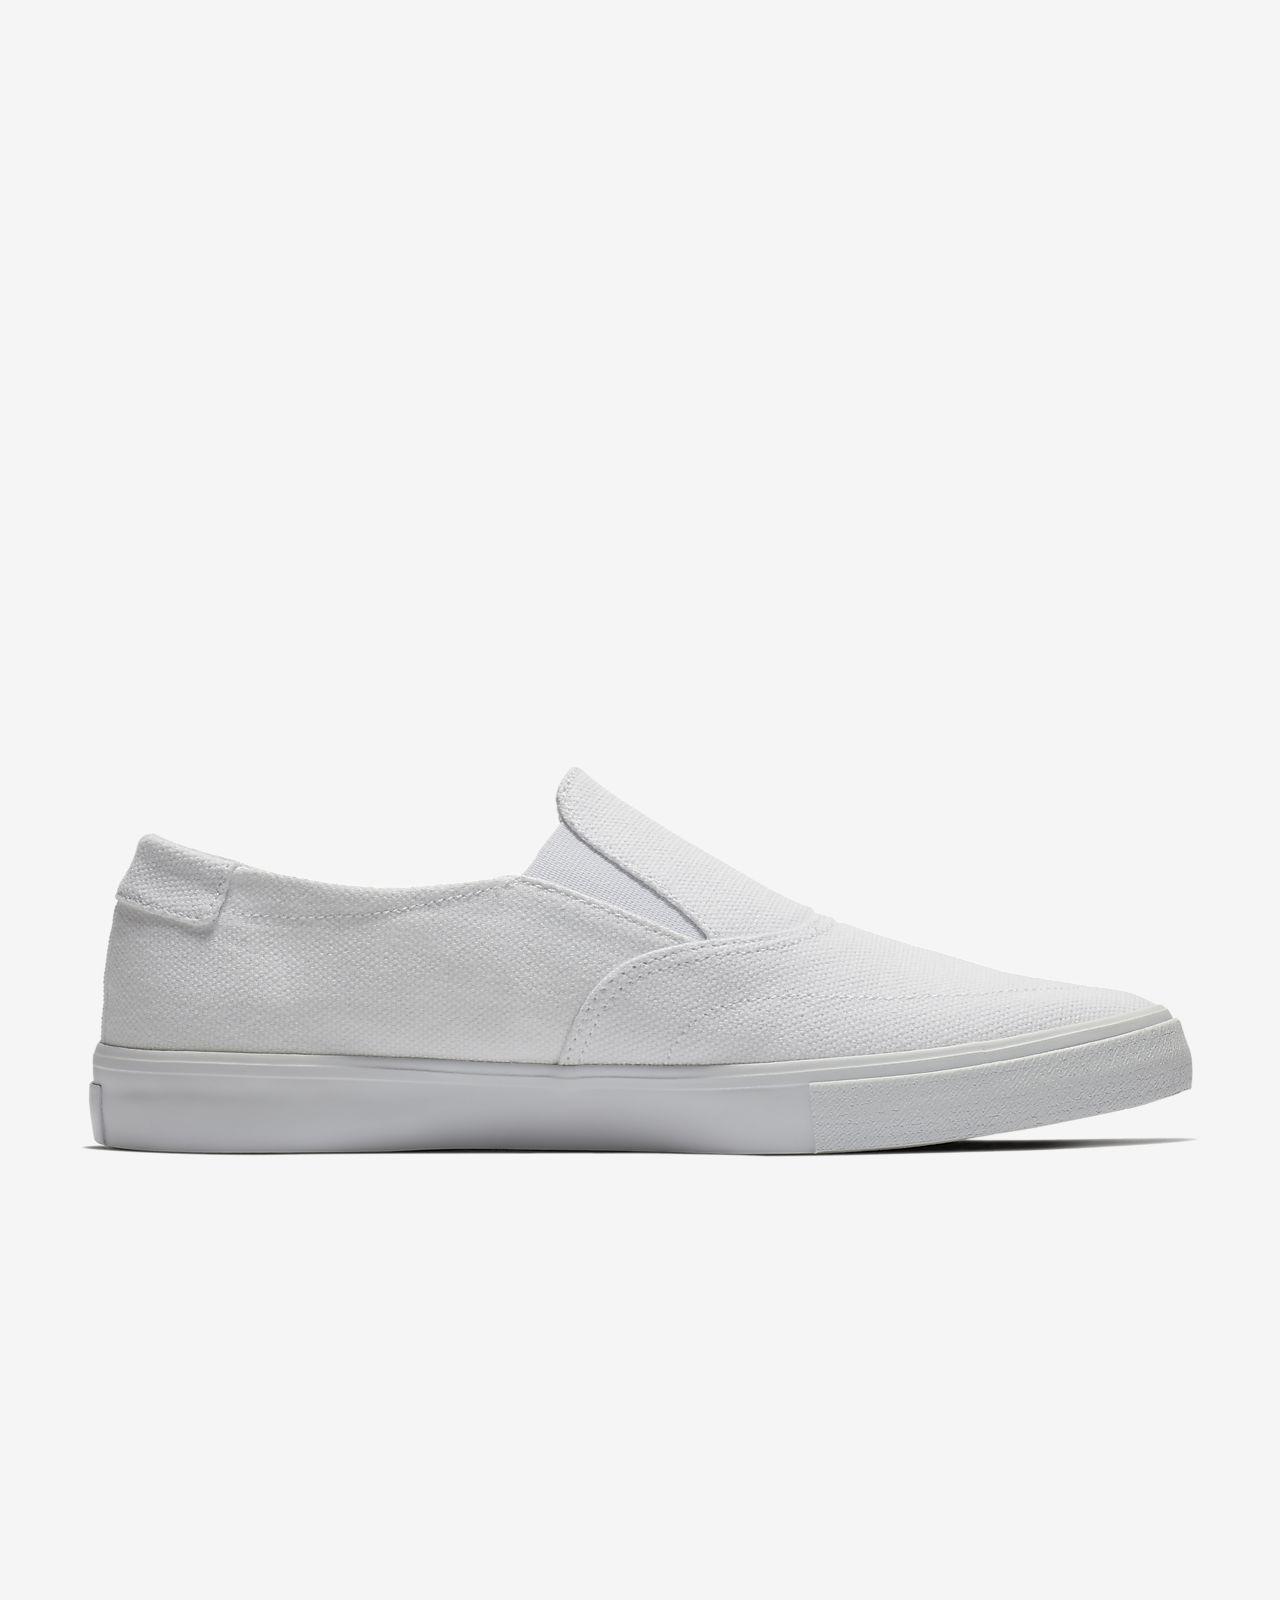 new style 1afab e3cd2 ... Nike SB Portmore II Solarsoft Slip-on Men s Skateboarding Shoe